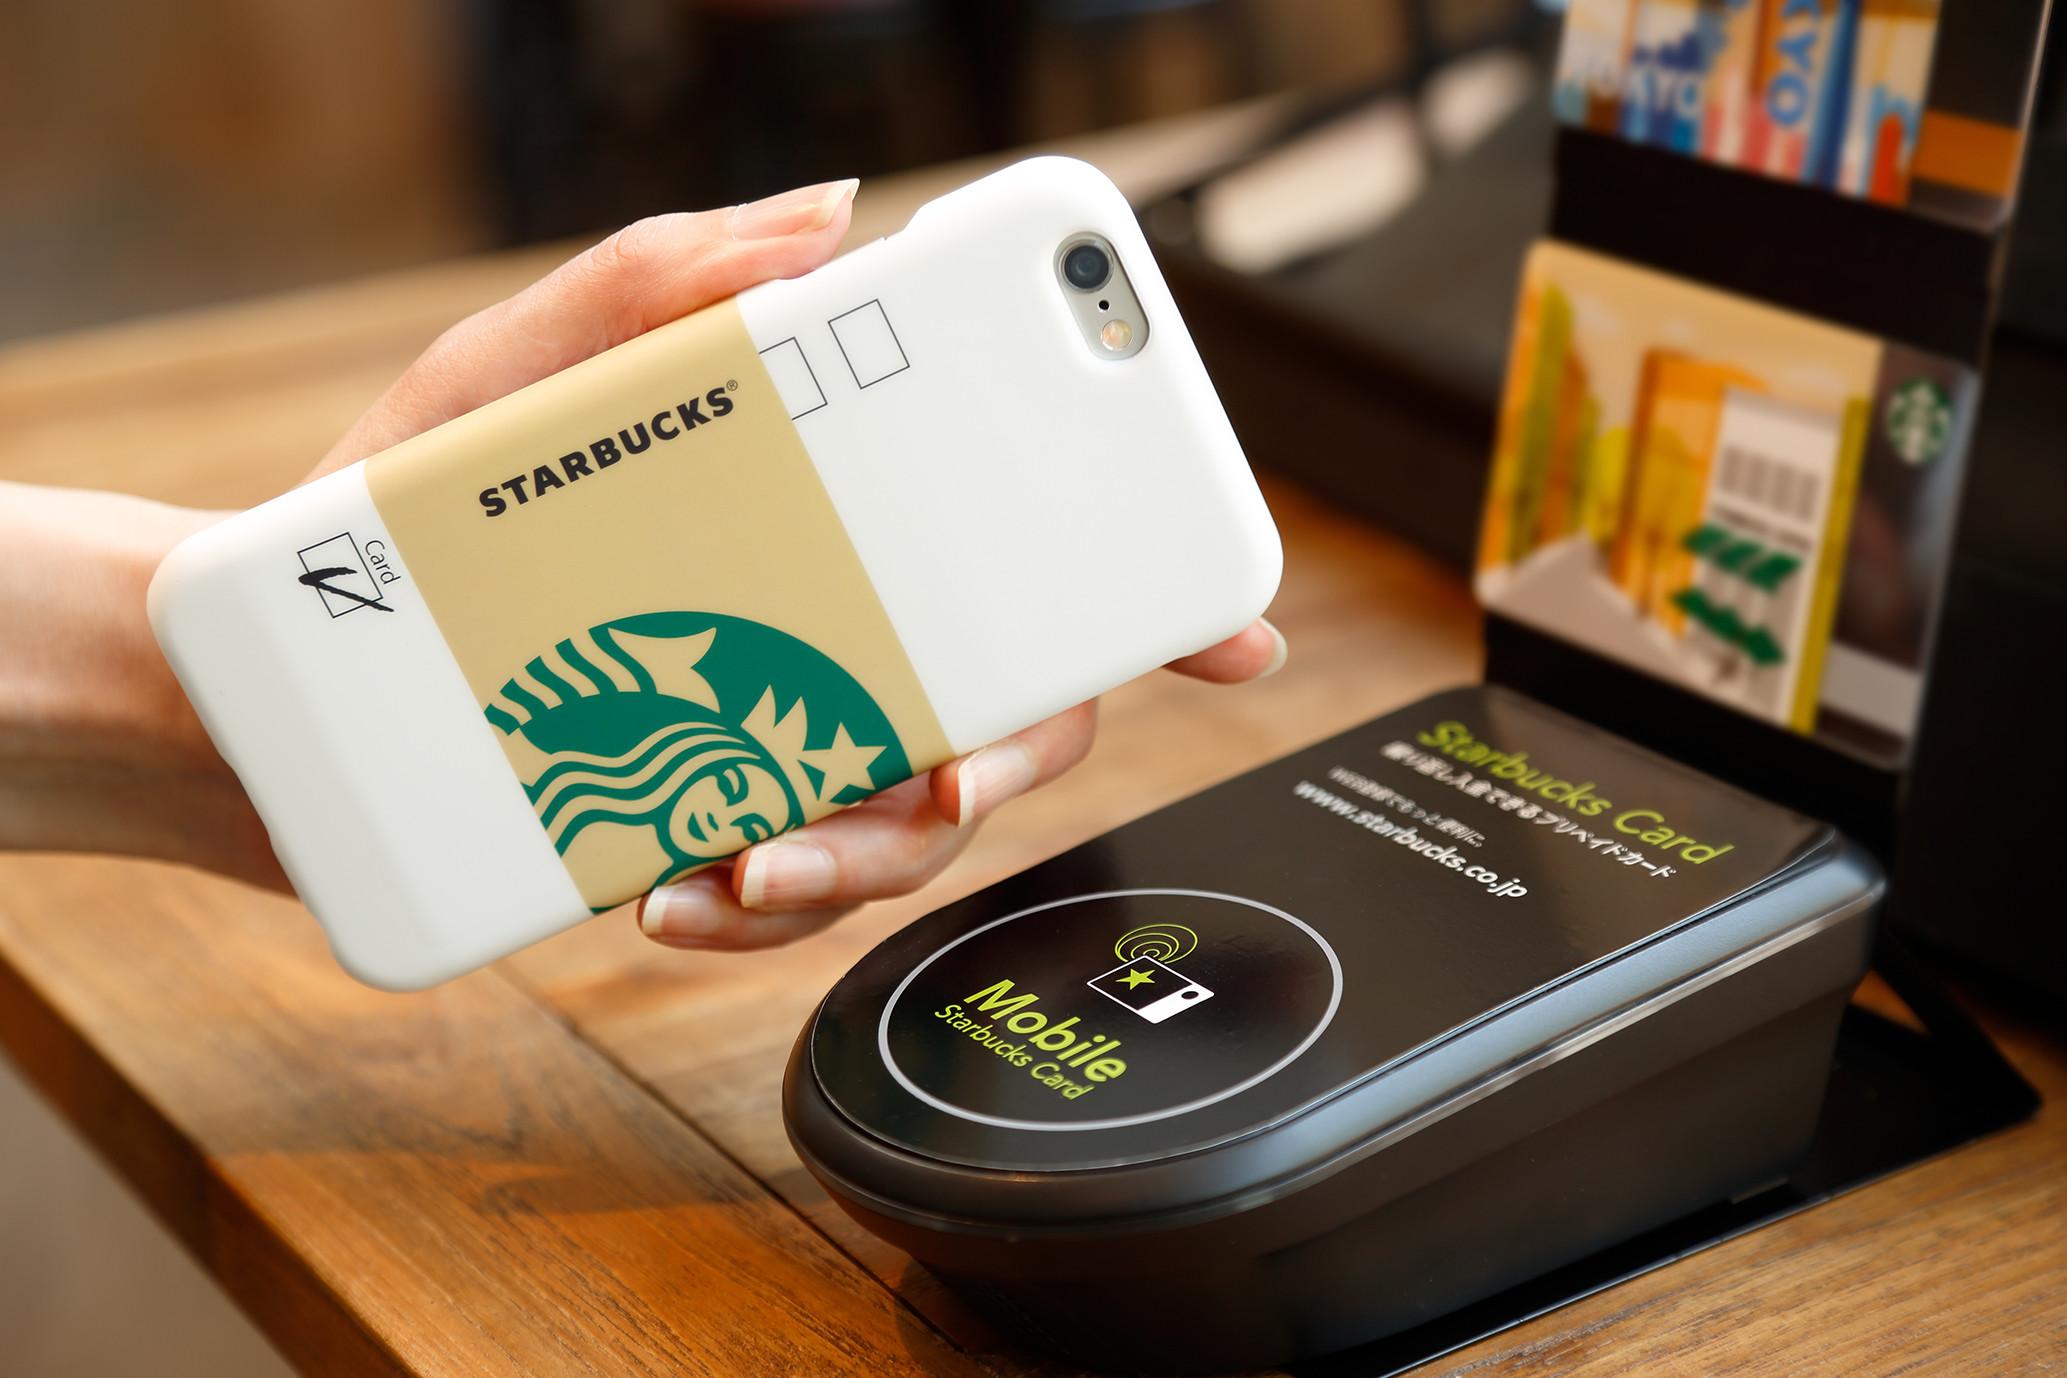 Une coque de smartphone pour payer votre Starbucks !